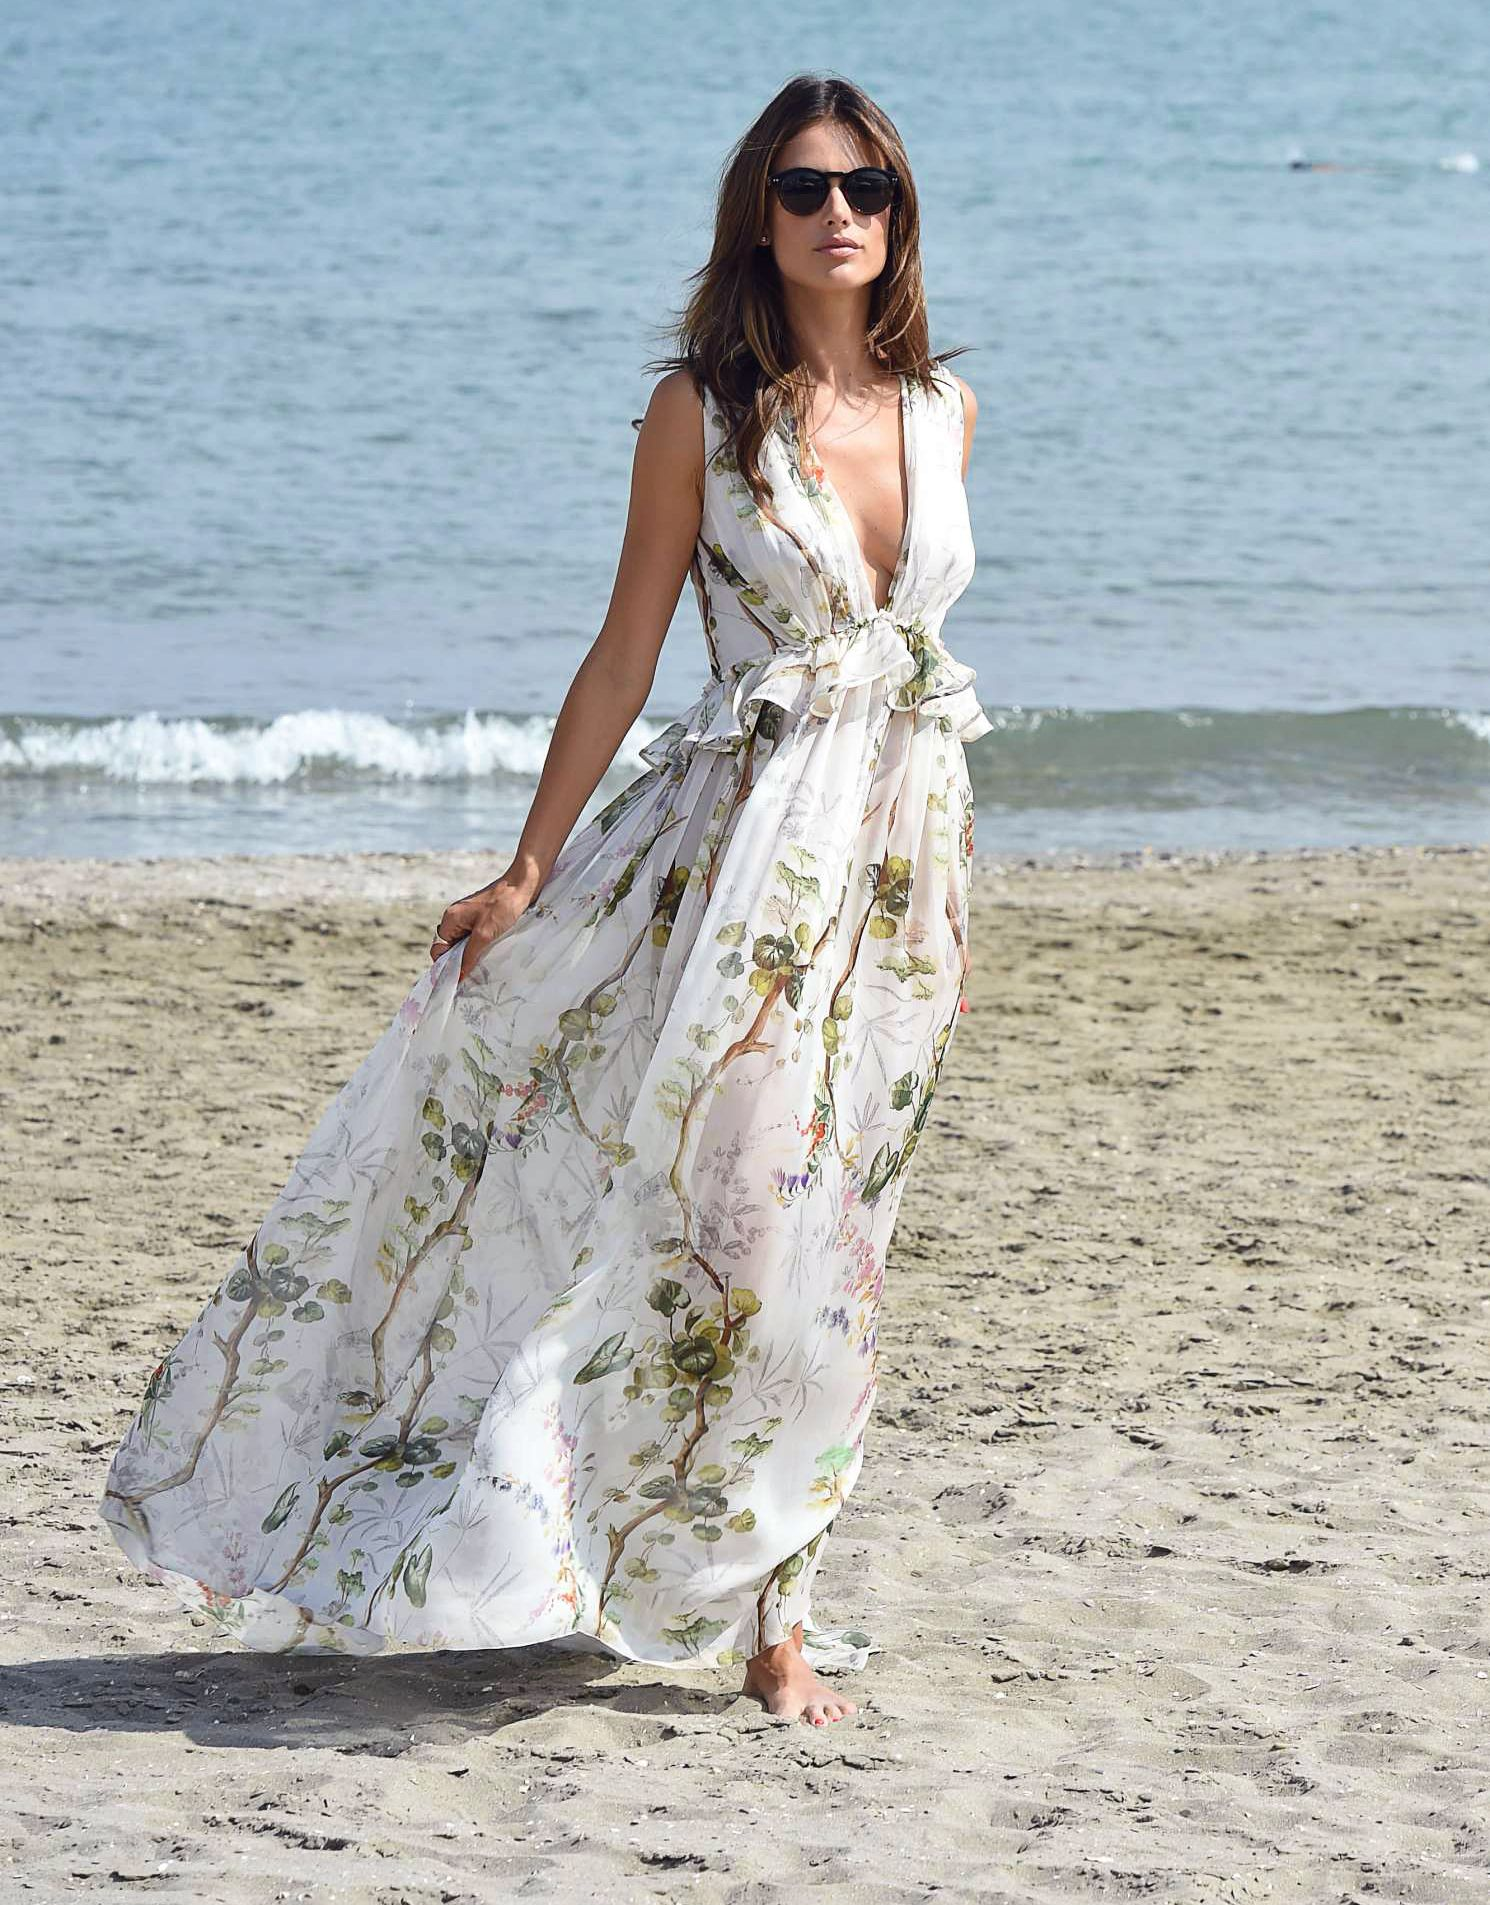 Alessandra Ambrosio at 2015 Venice Film Festival